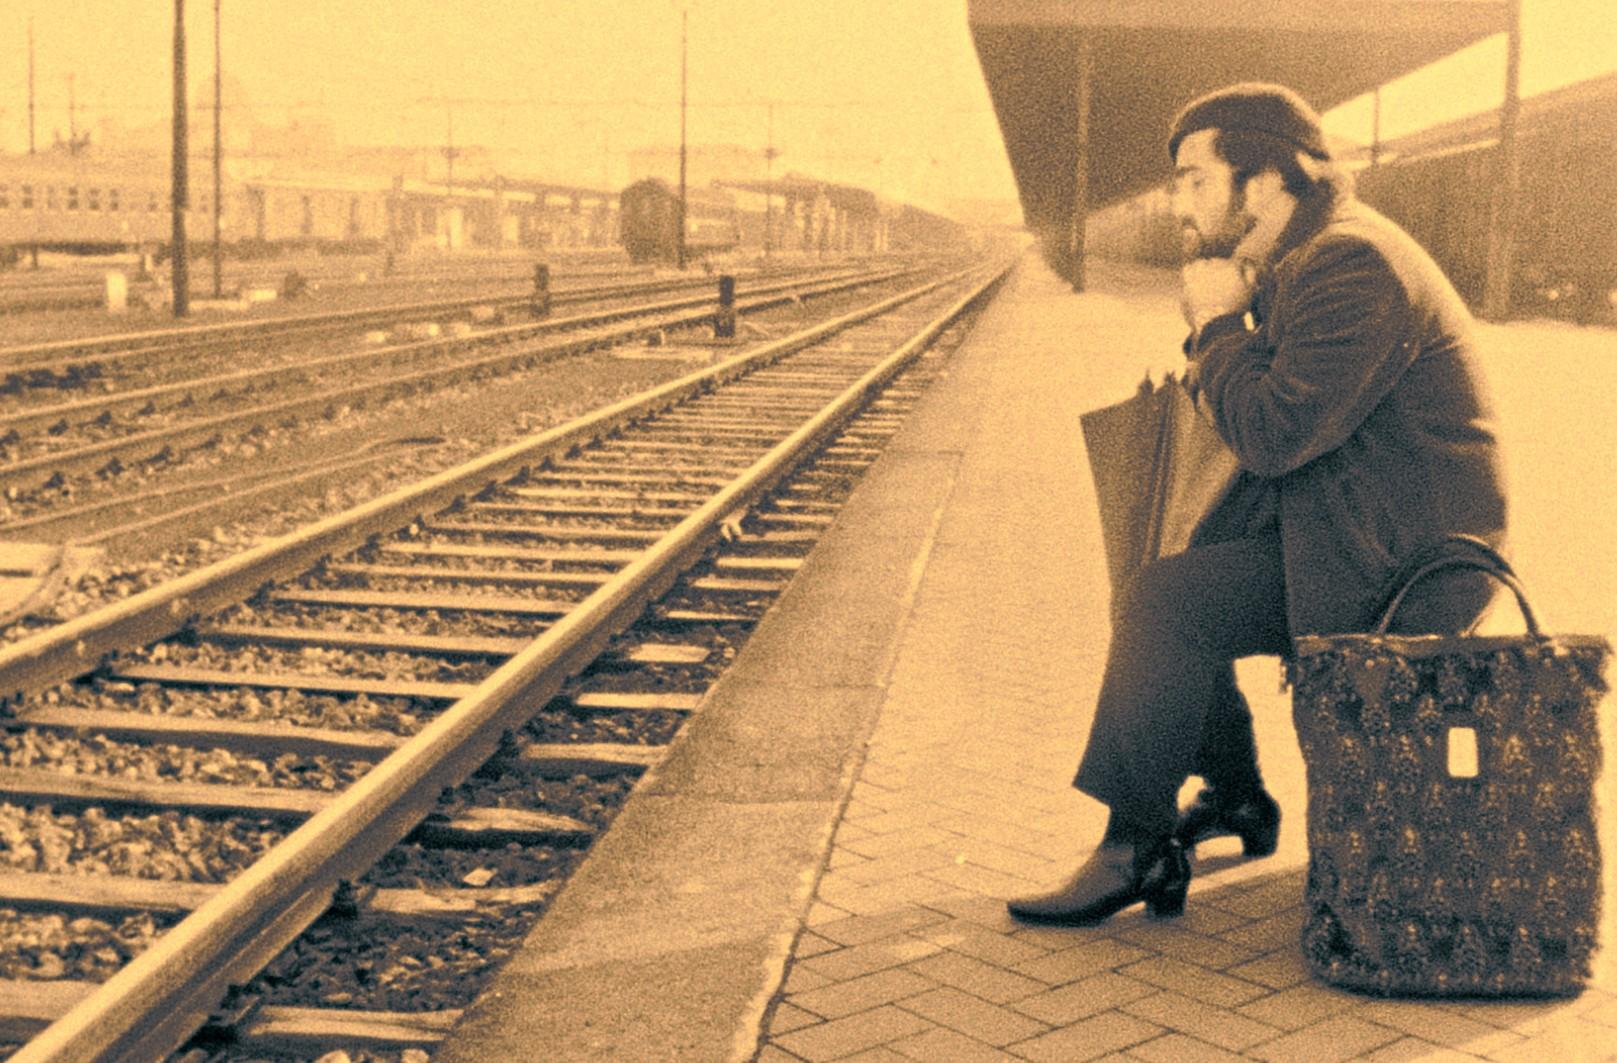 Lucio Dalla in Per Lucio | For Lucio by Pietro Marcello | ITA 2021, Berlinale Special | © Teche rai